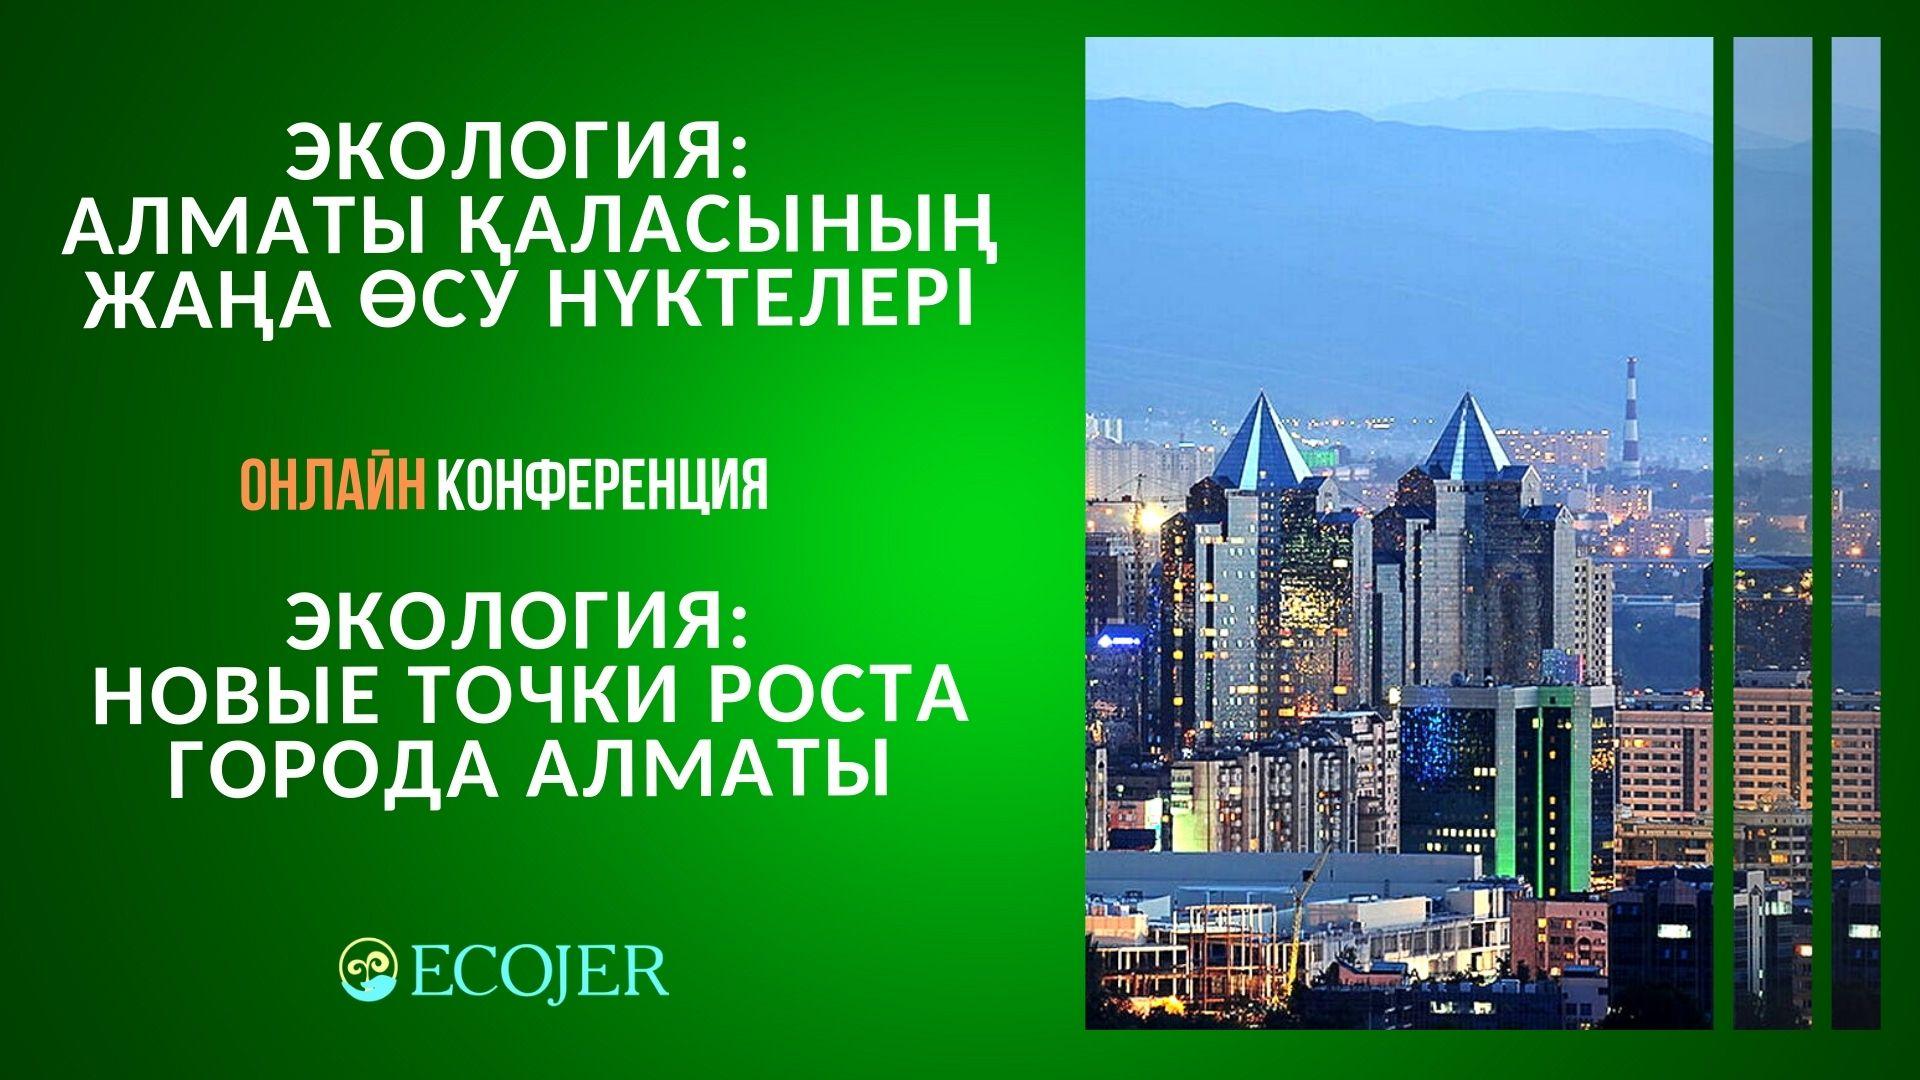 «Экология: новые точки роста города Алматы»/// онлайн-конференция